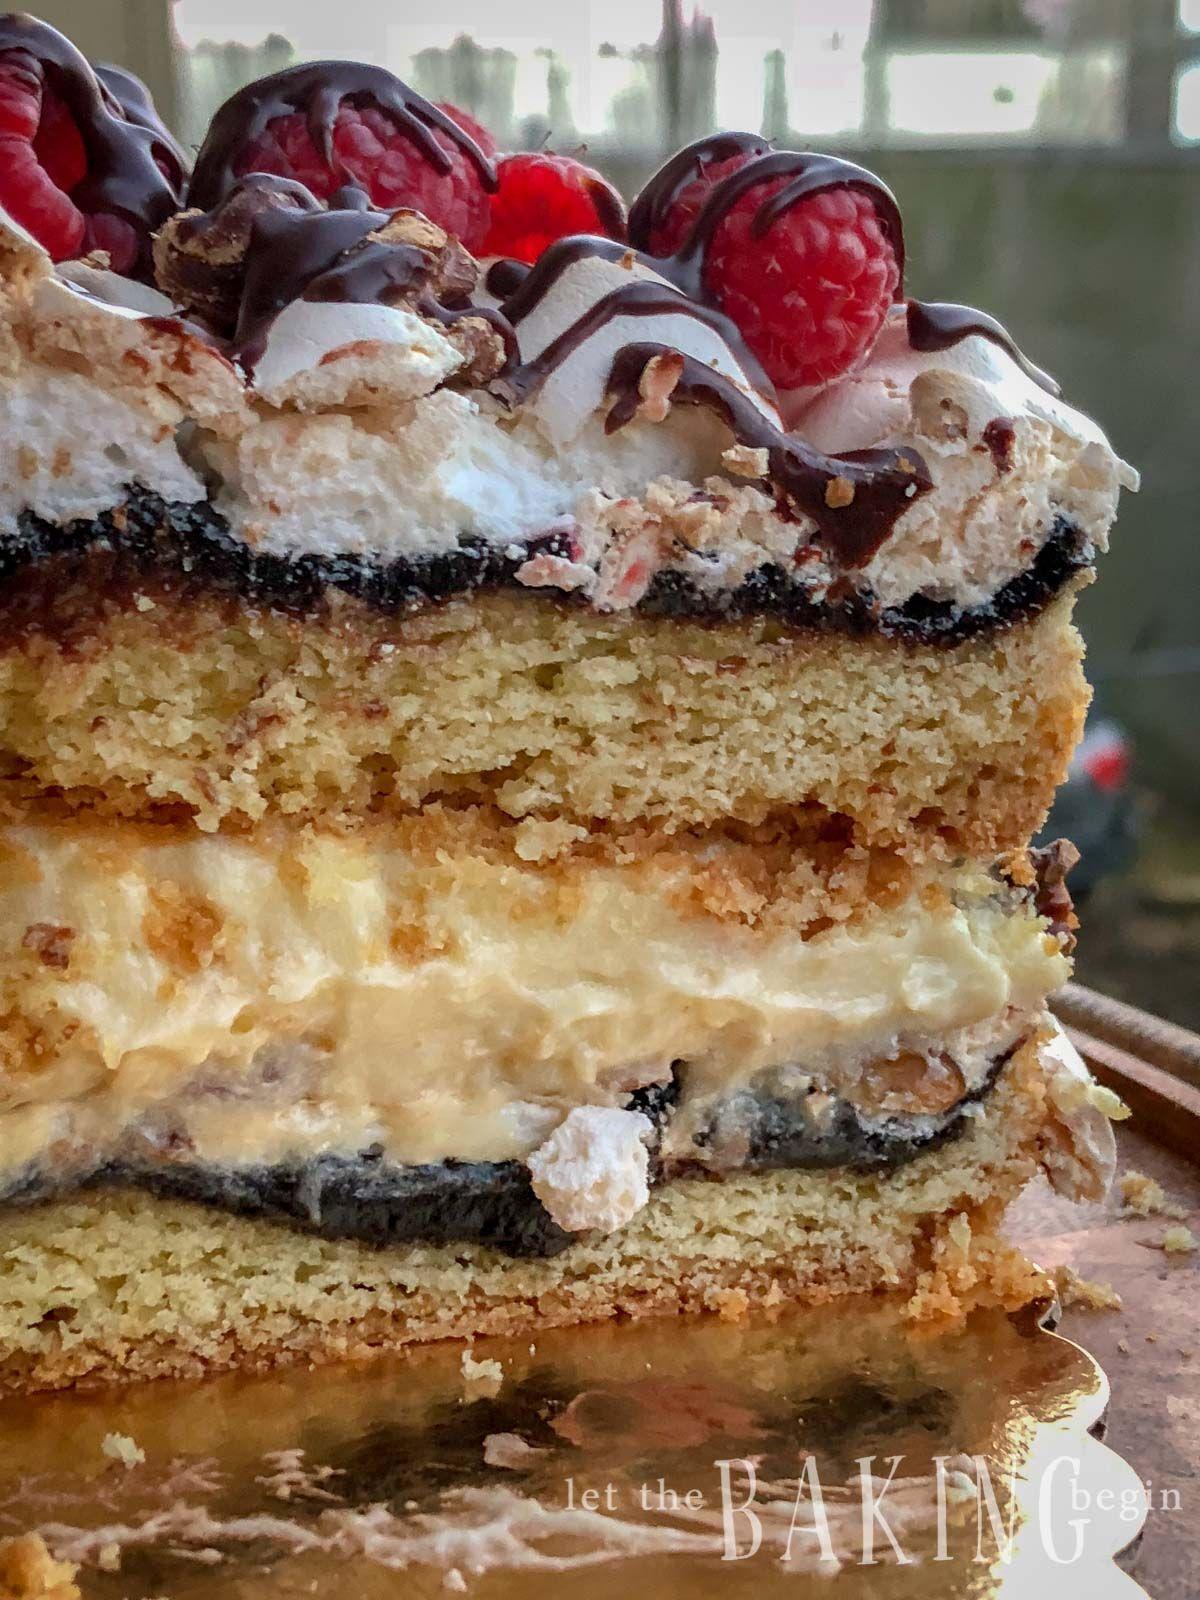 Polish Cake Recipe - Pani Walewska - Let the Baking Begin! #napoleonkuchenrussisch Polish Cake Recipe - Pani Walewska - Let the Baking Begin! #napoleonkuchenrussisch